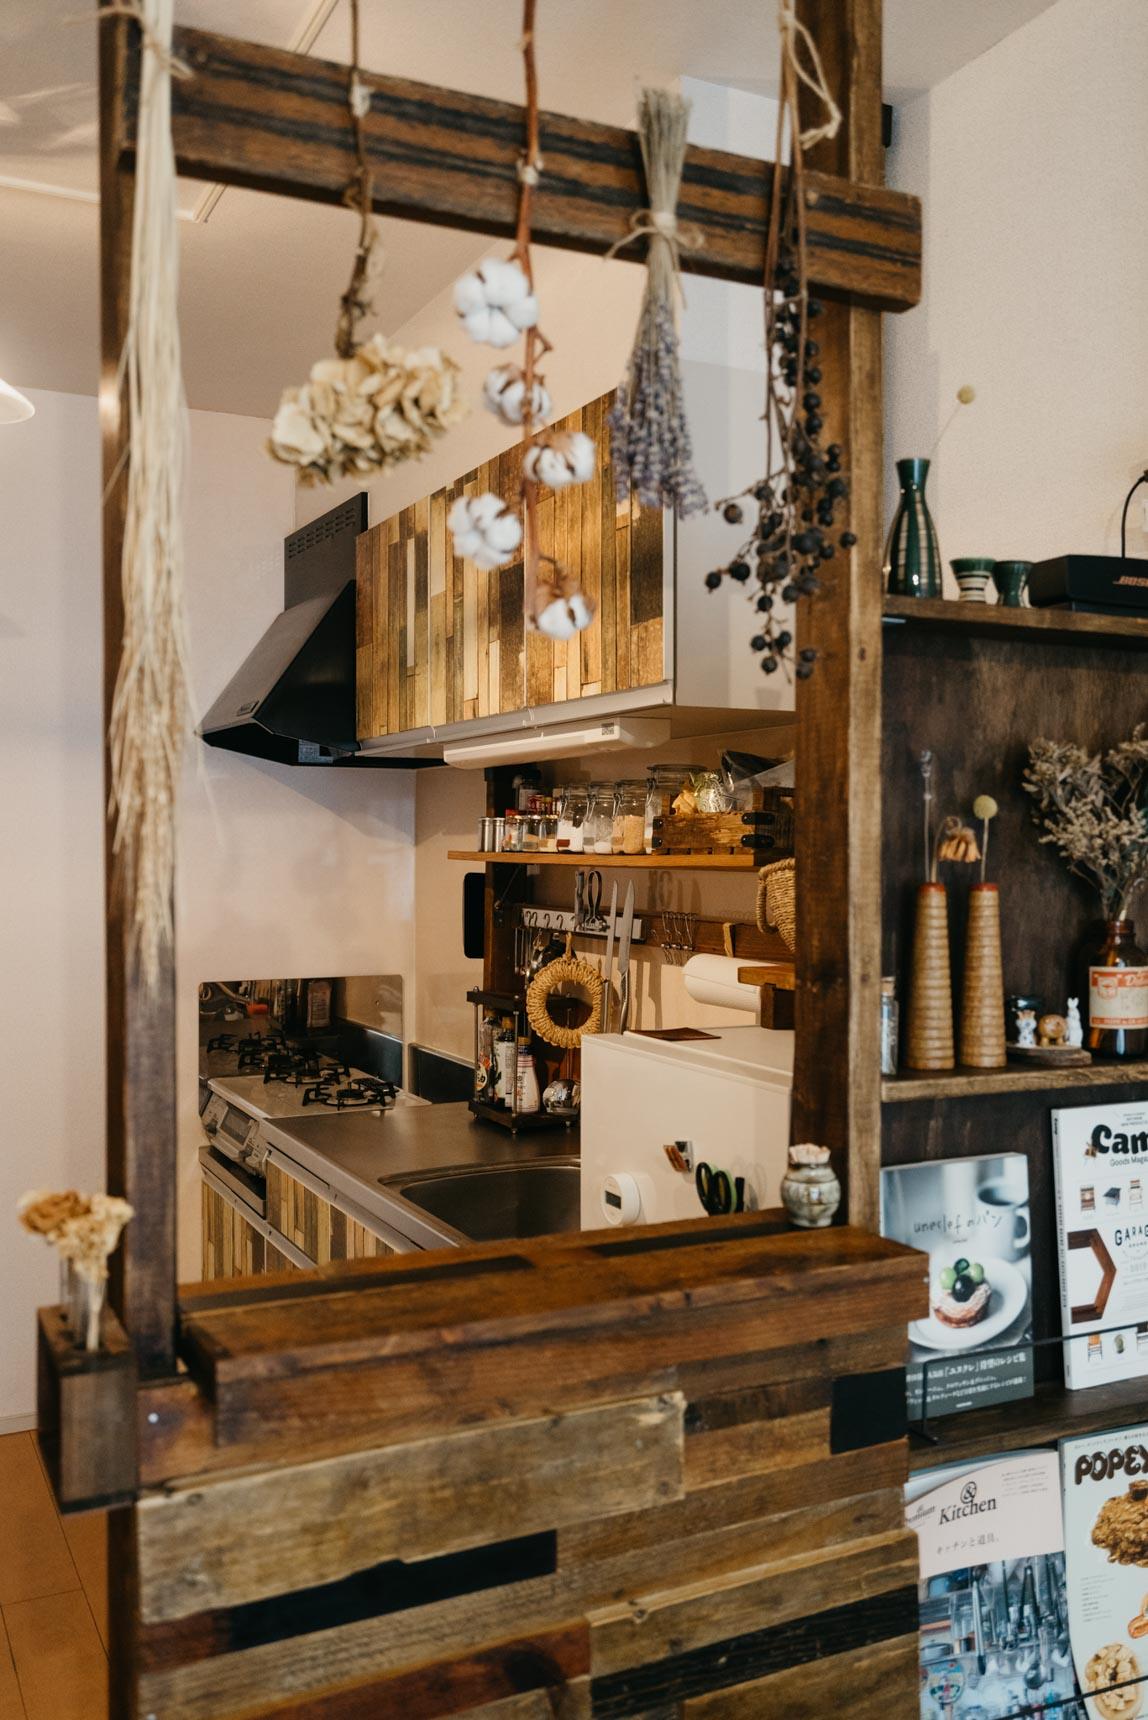 特に気に入っているのは、こちらのキッチンカウンター。ダイニングテーブルを作った時に余った端材で製作しました。とっても便利そう!